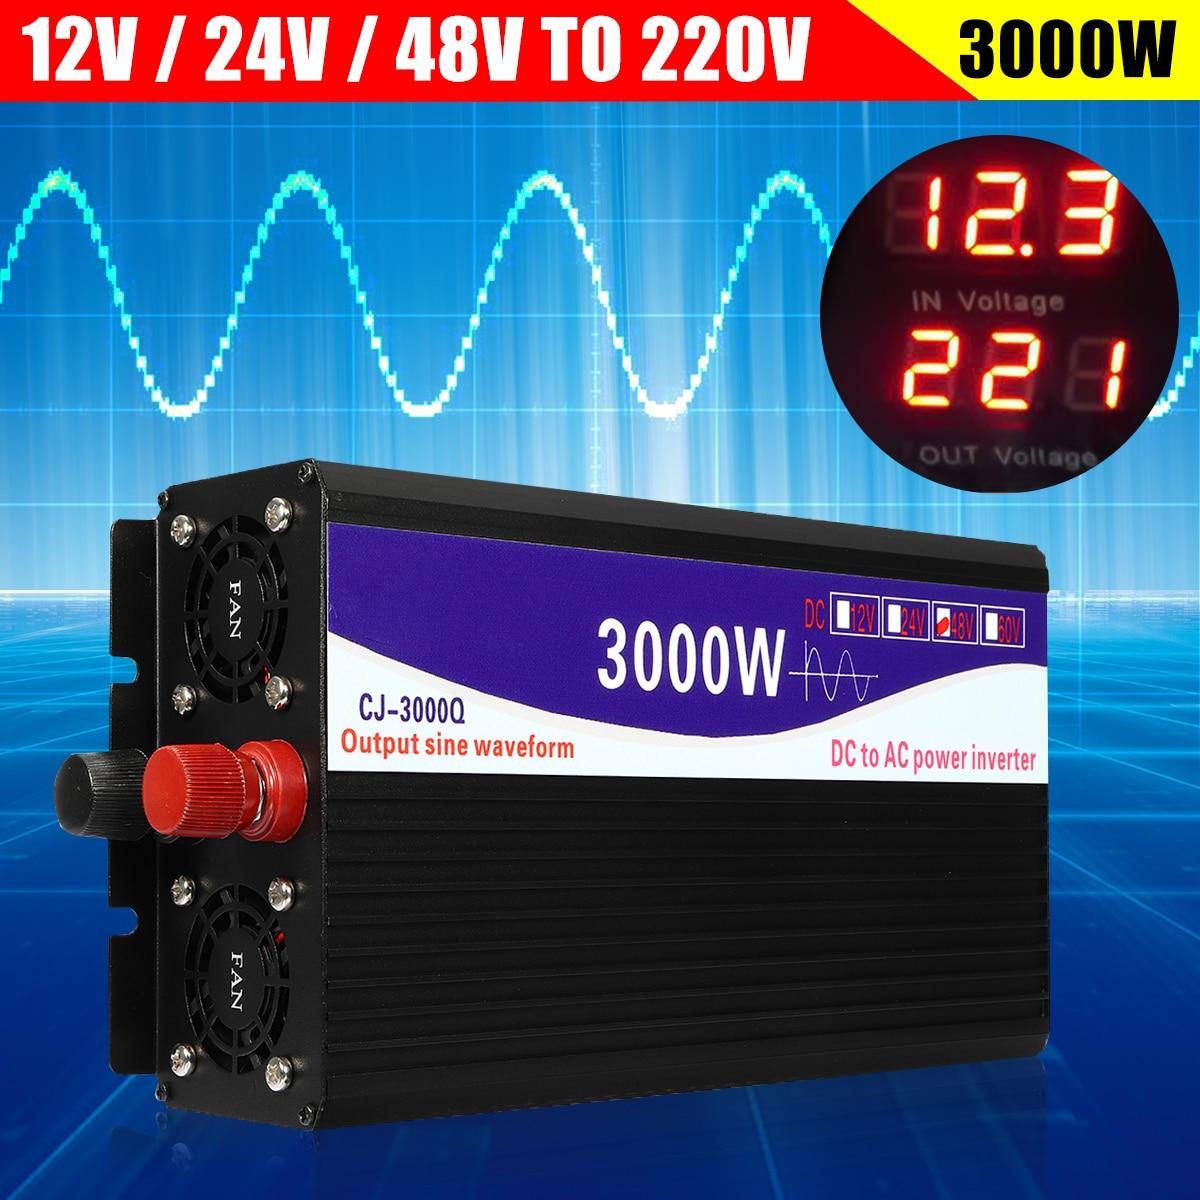 Черный 3000 Вт Чистая синусоида Инвертор светодио дный цифровой Дисплей 12 В/24 В до 220 В 50 Гц трансформатор Питание